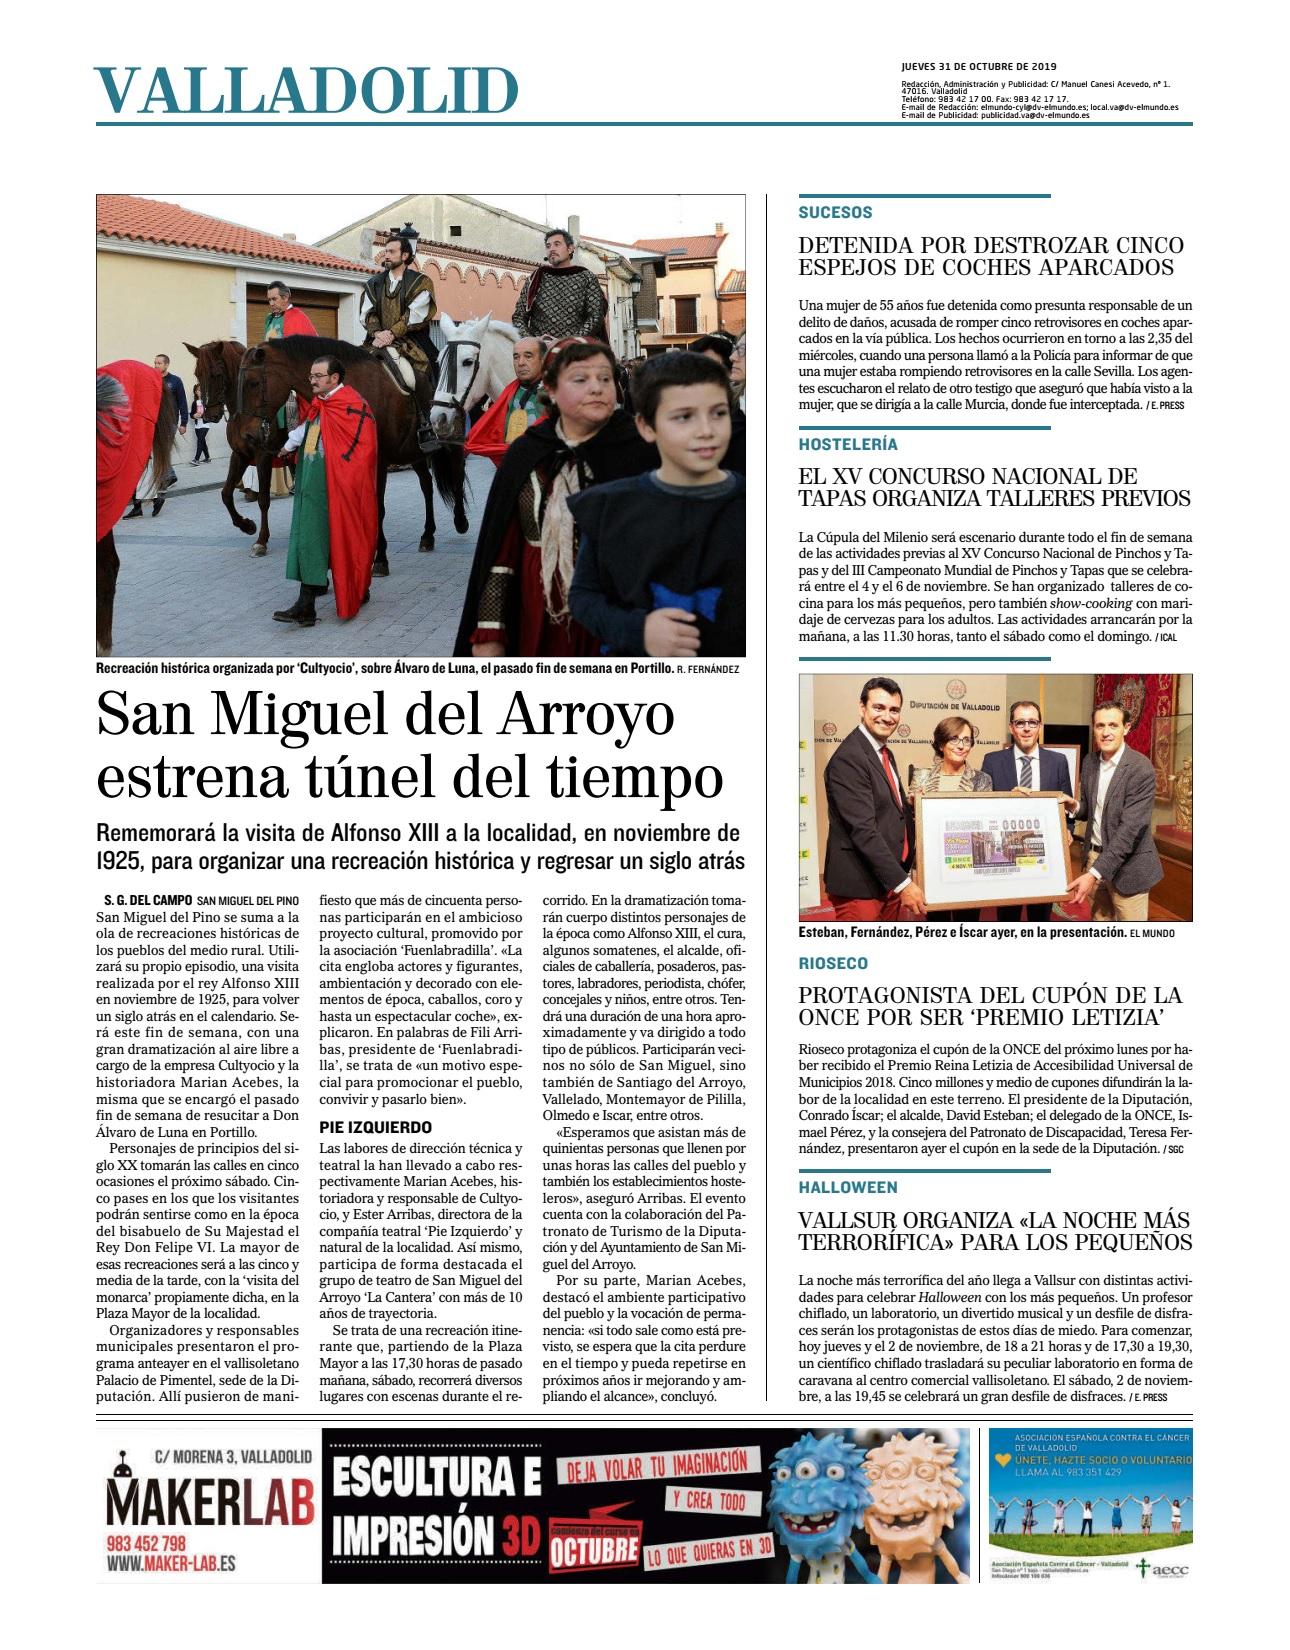 Diario de Valladolid (31-10-19) con la recreación de Alfonso XIII